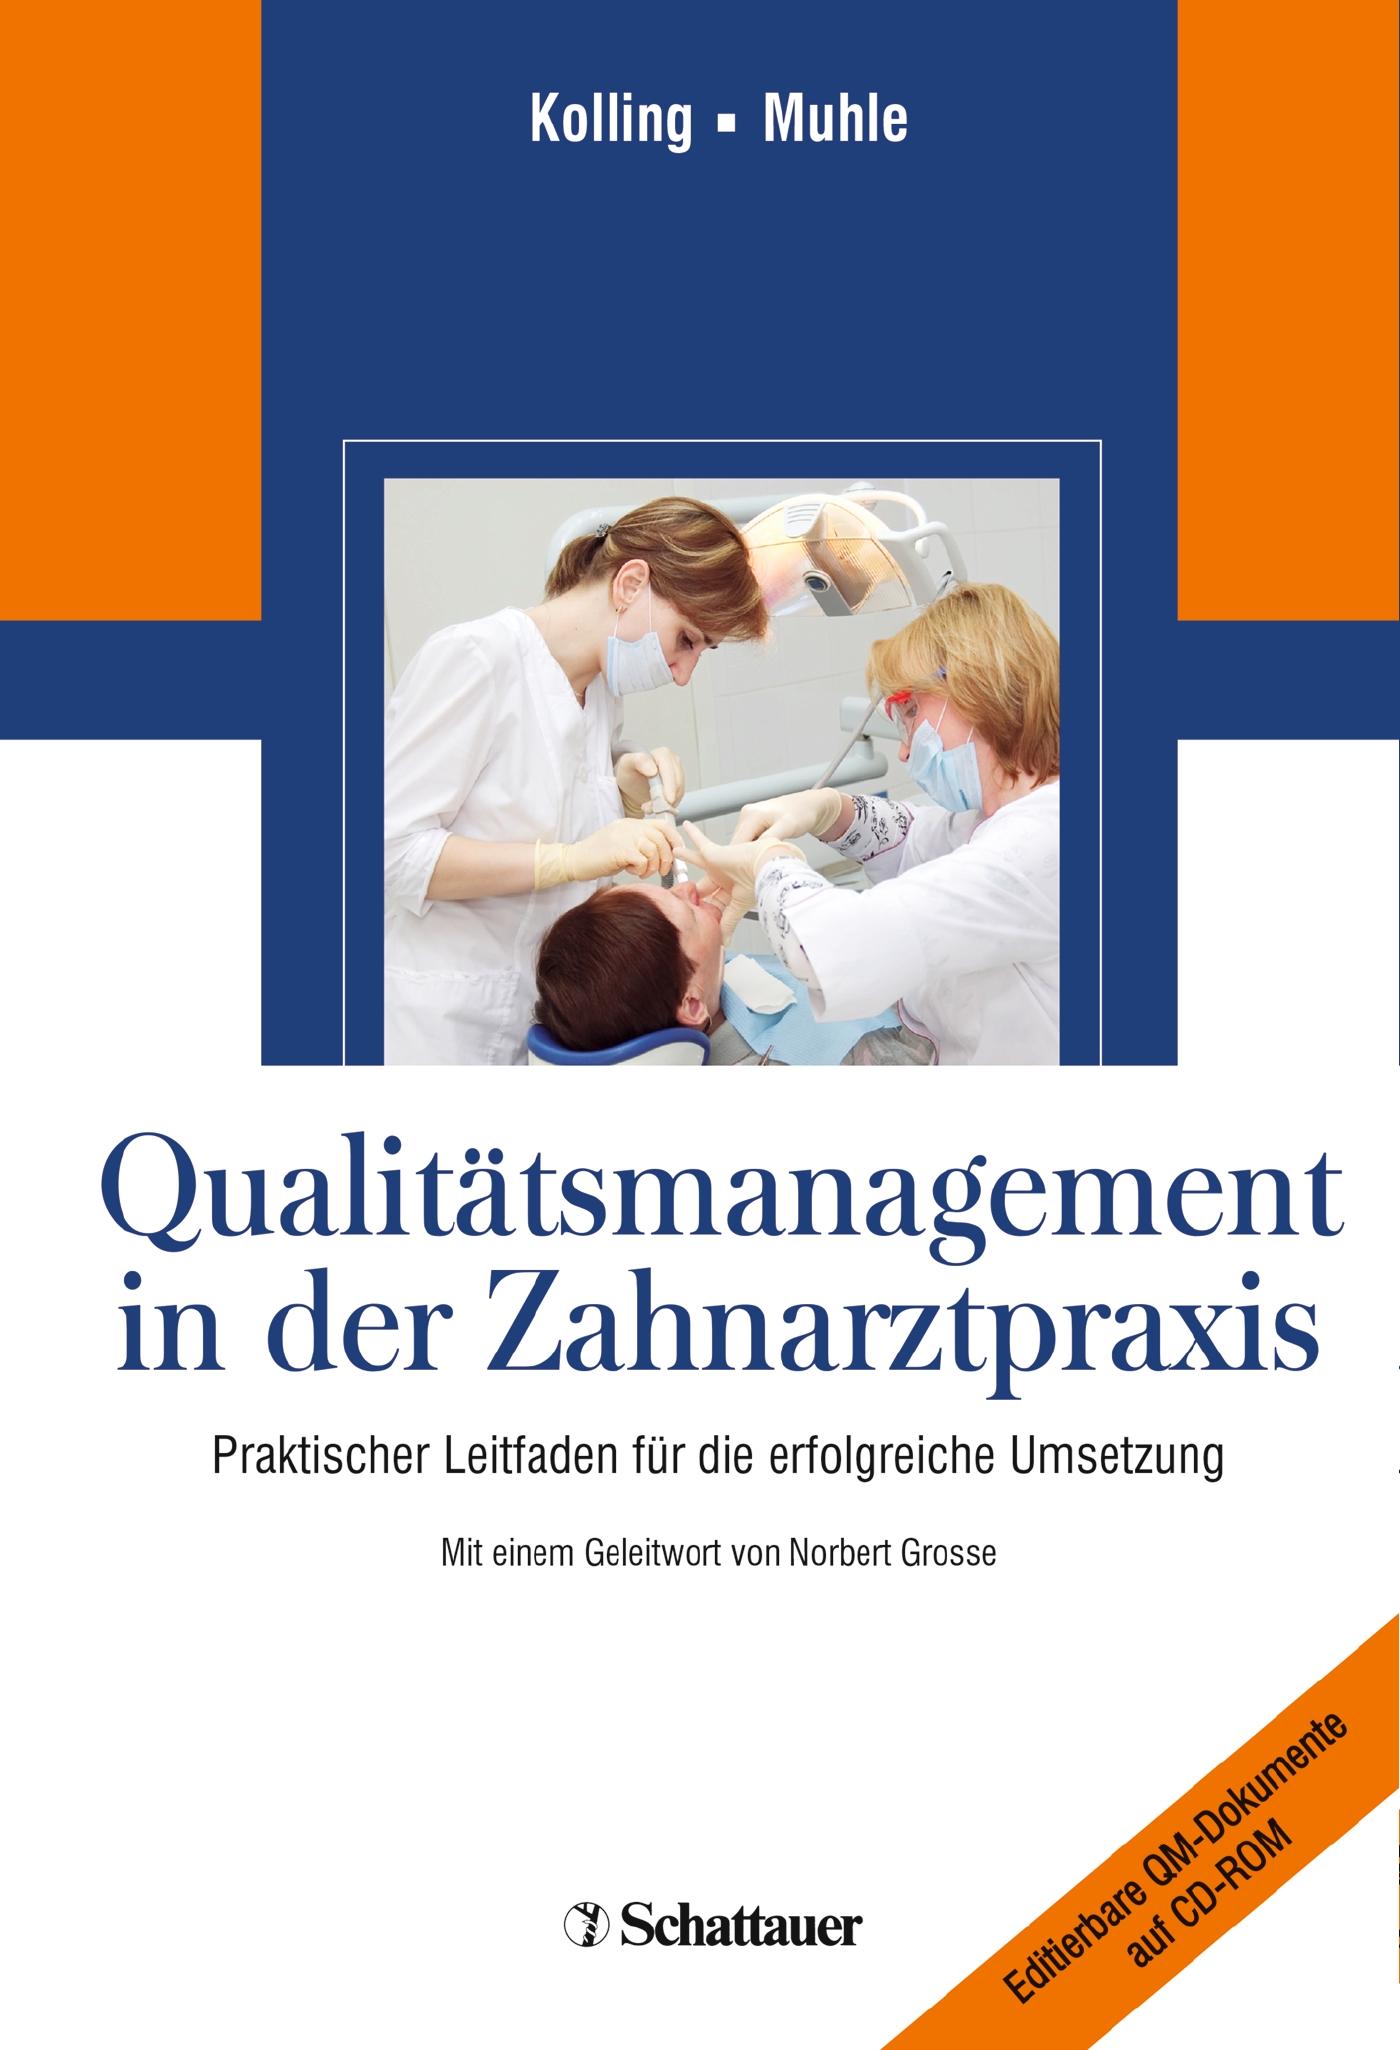 Qualitätsmanagement in der Zahnarztpraxis